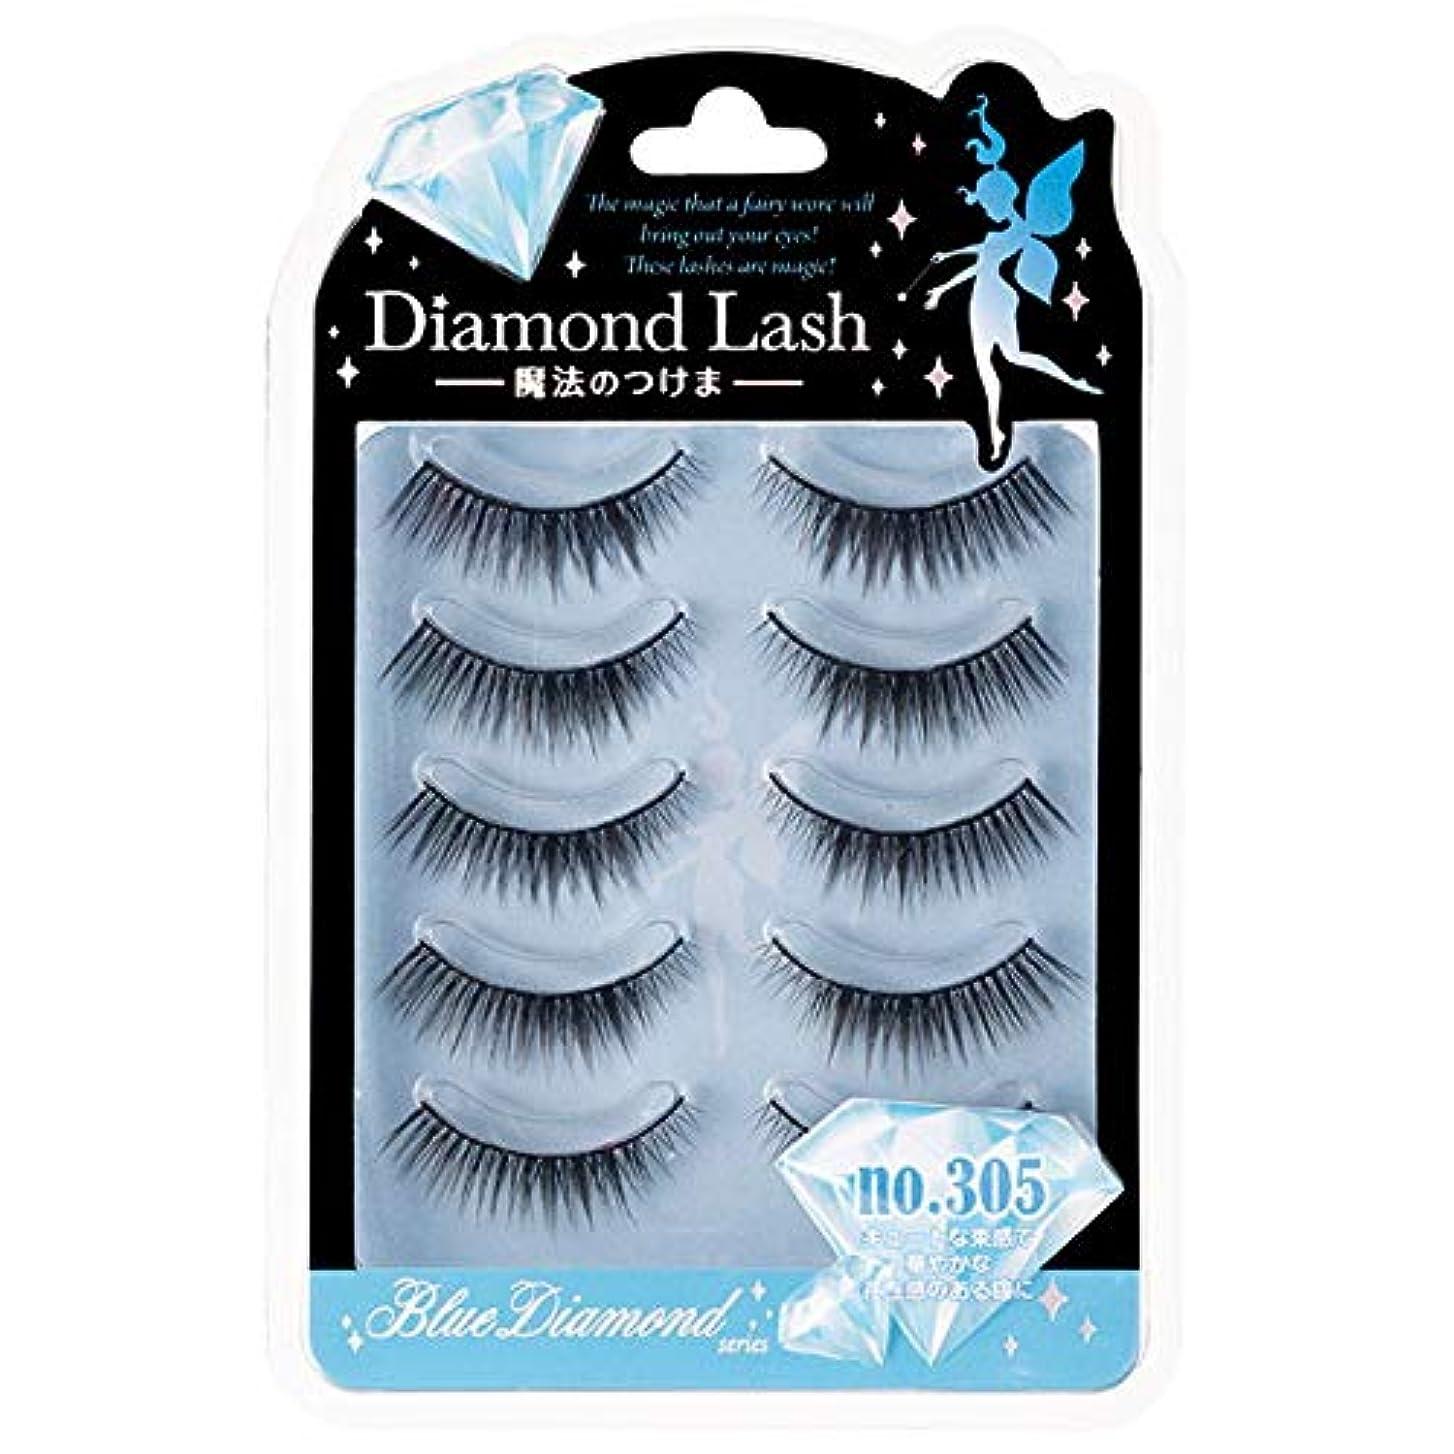 自治的ひどく一次Diamond Lash(ダイヤモンドラッシュ) ブルー no.305 5ペア